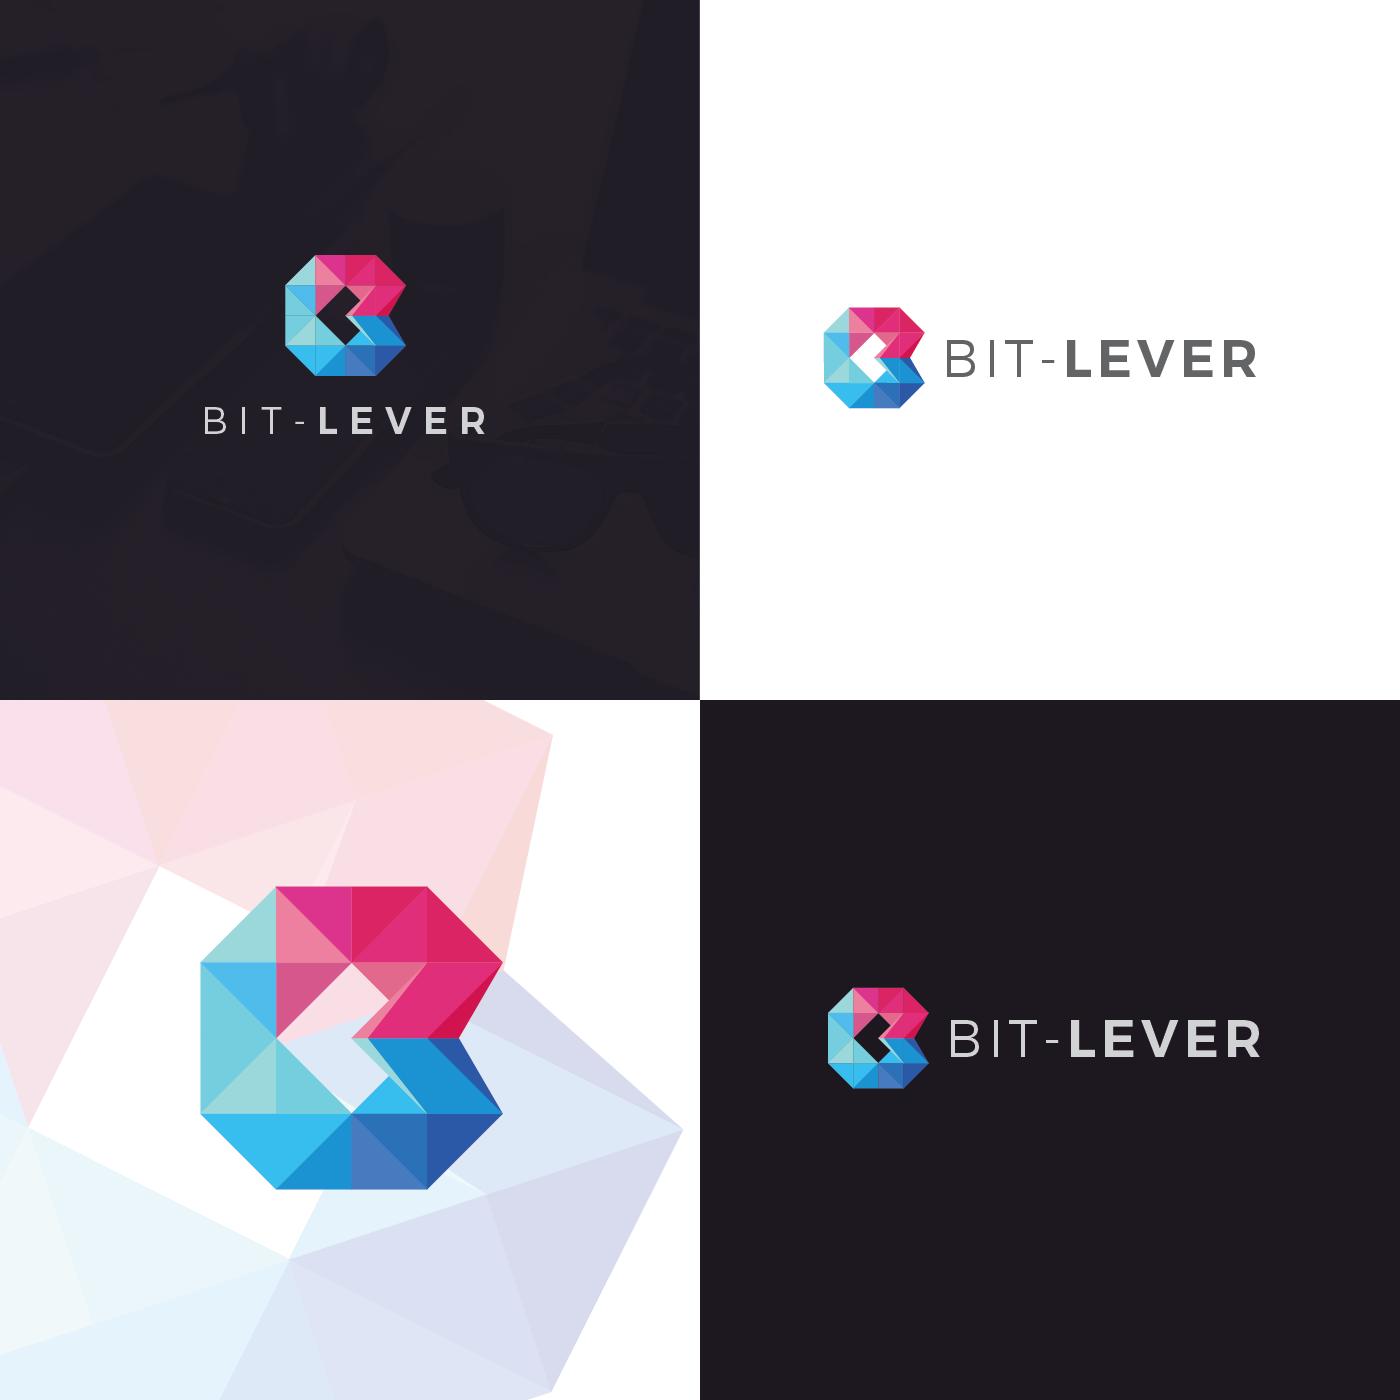 Come design our Software company logo!